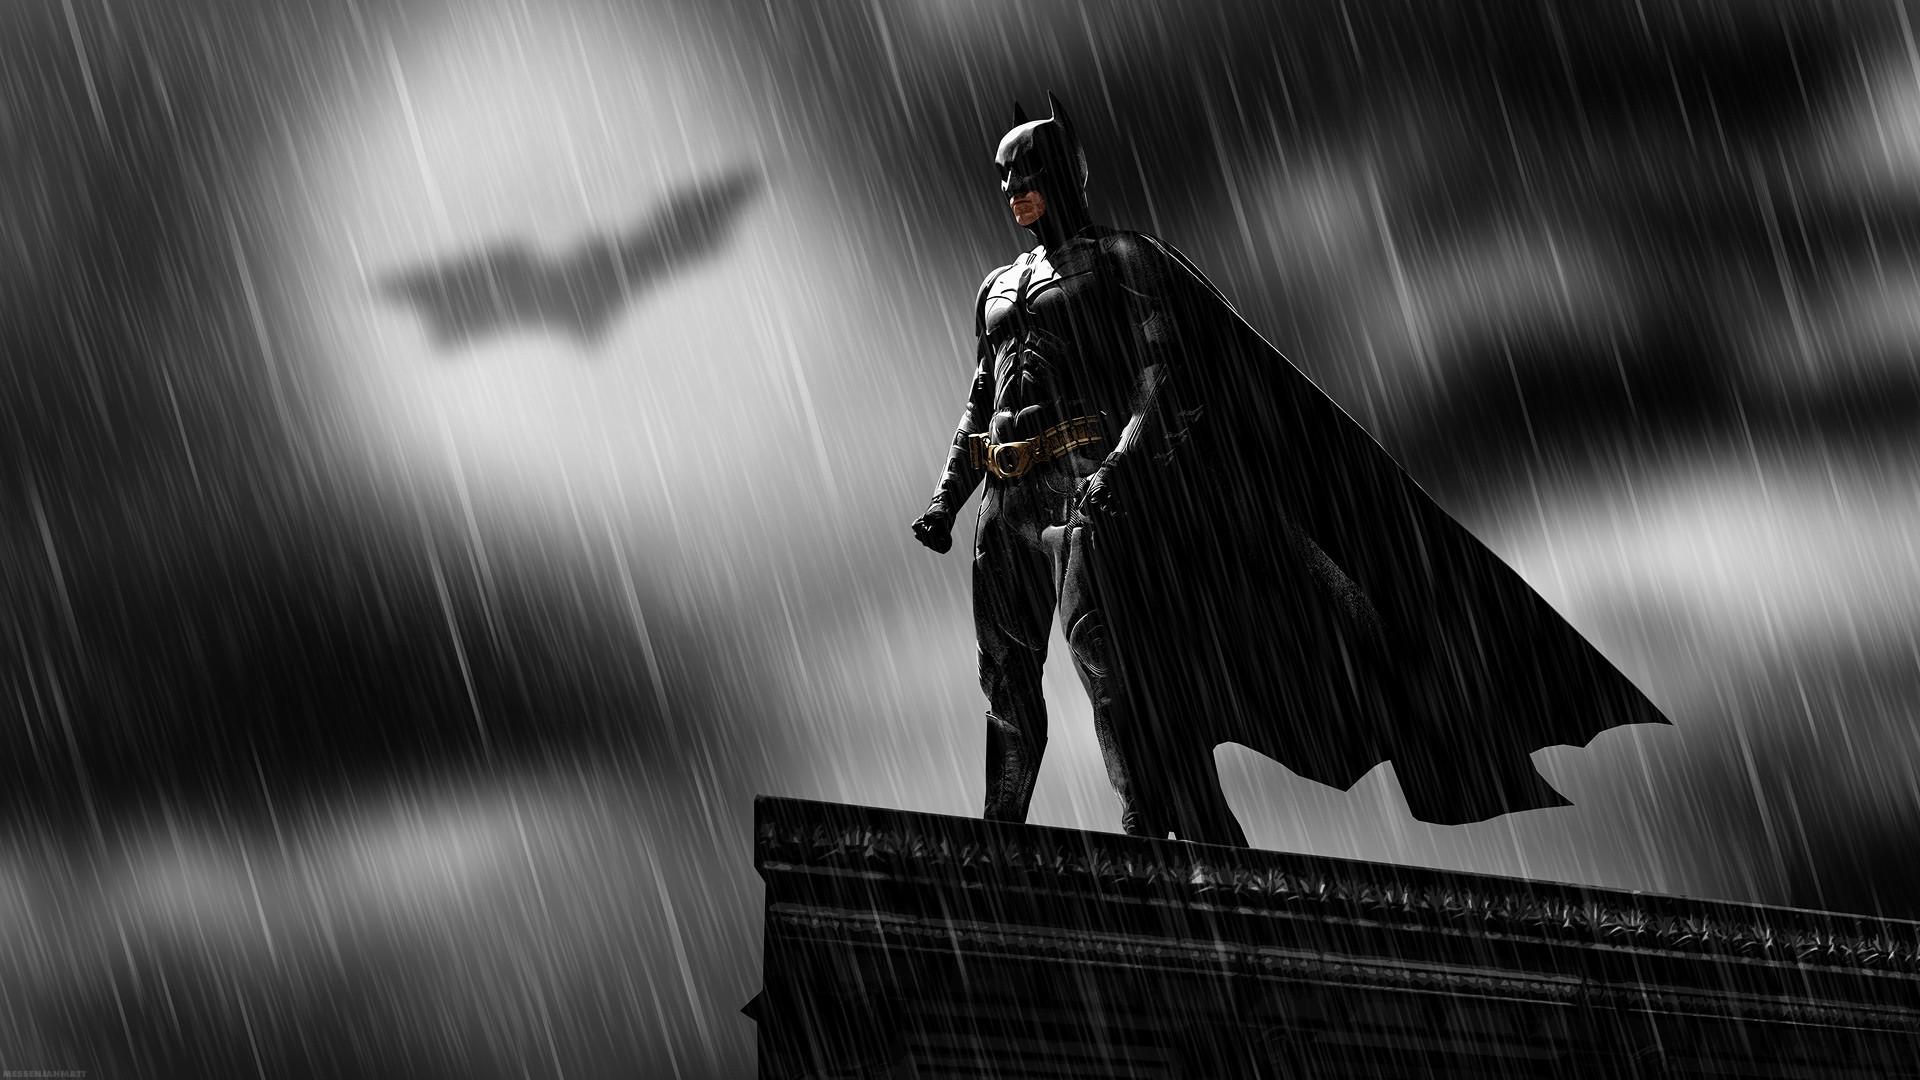 Batman Wallpaper 1920×1080 #120939 HD Wallpaper Res: .